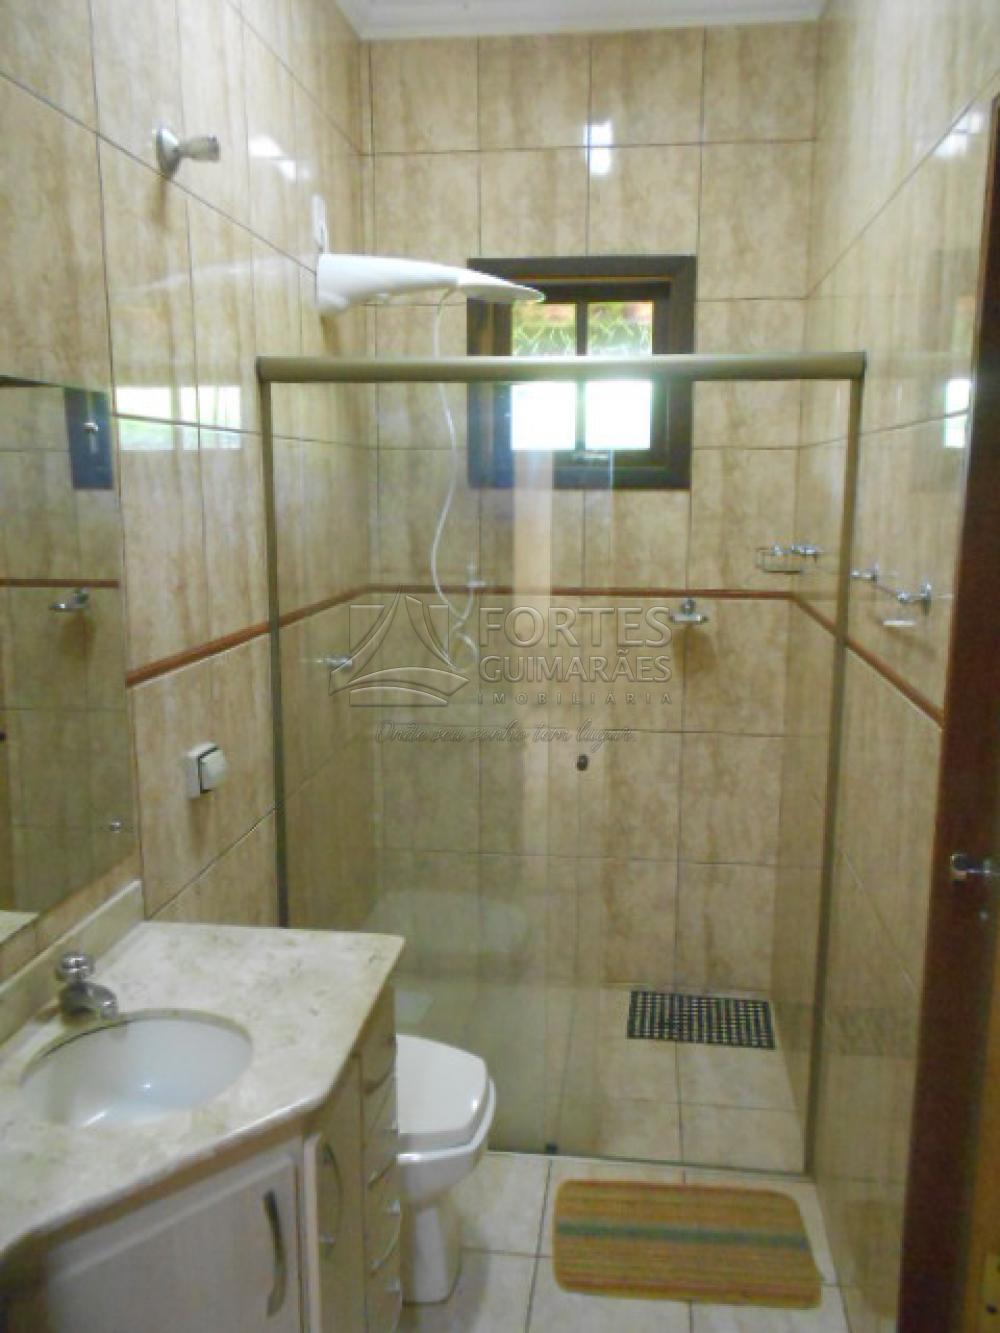 Alugar Casas / Condomínio em Jardinópolis apenas R$ 3.000,00 - Foto 24